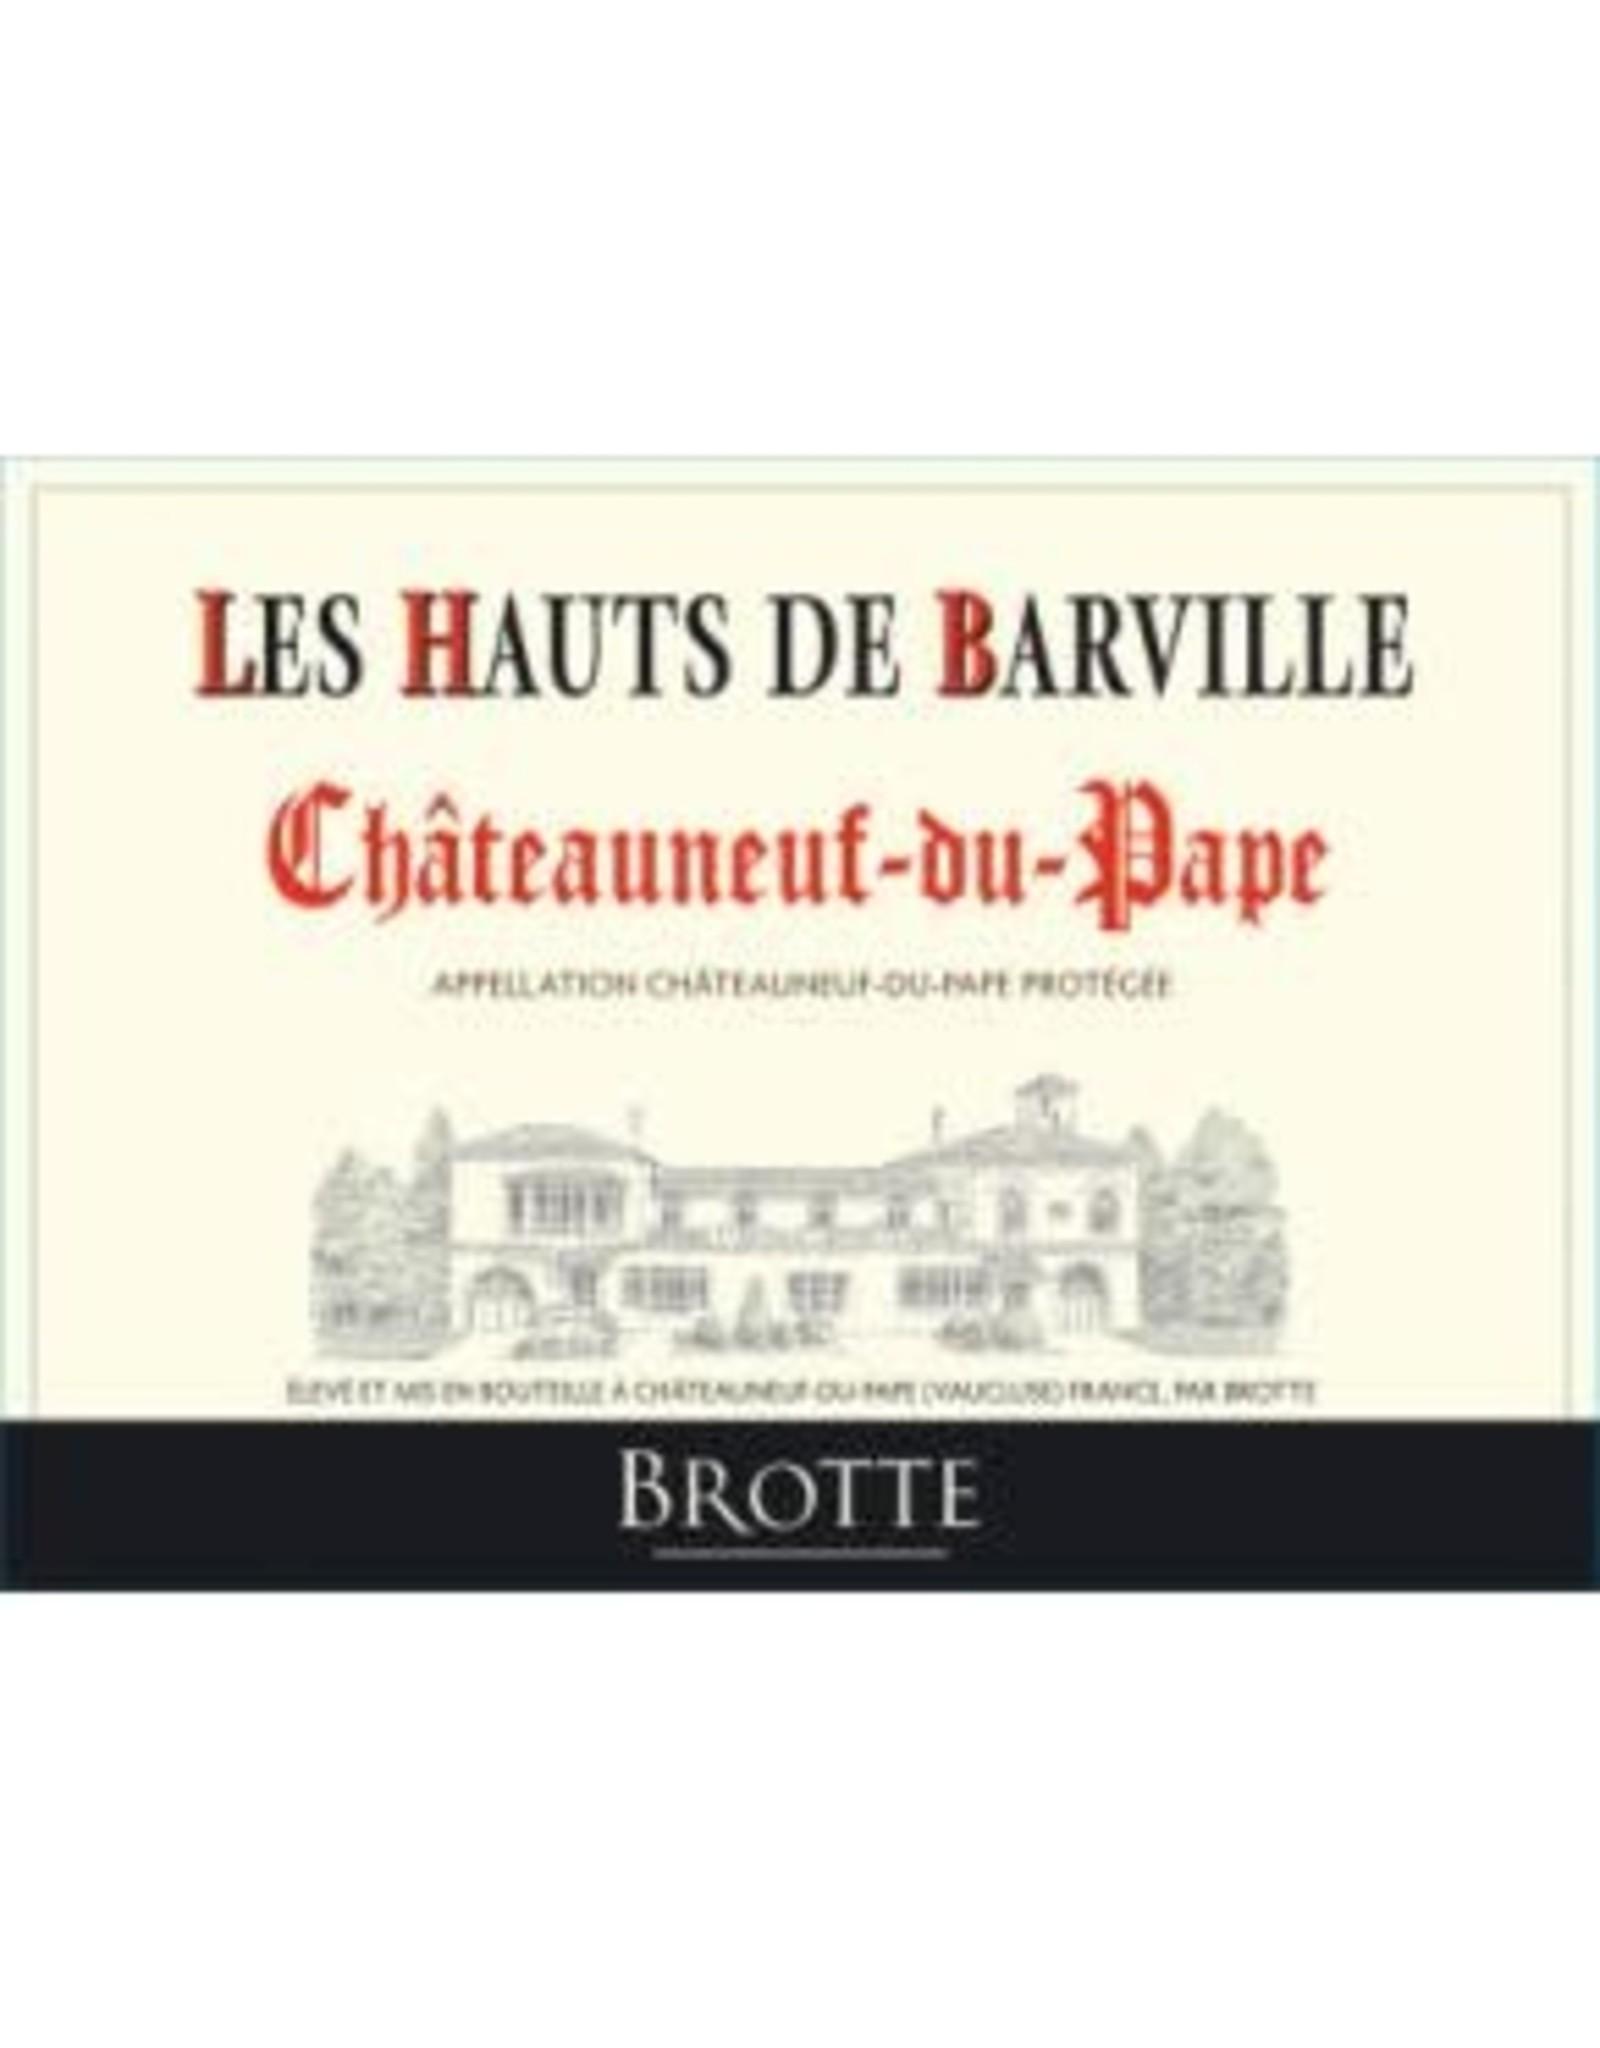 Brotte Brotte Les Hauts de Barville Chateauneuf-du-Pape Rouge